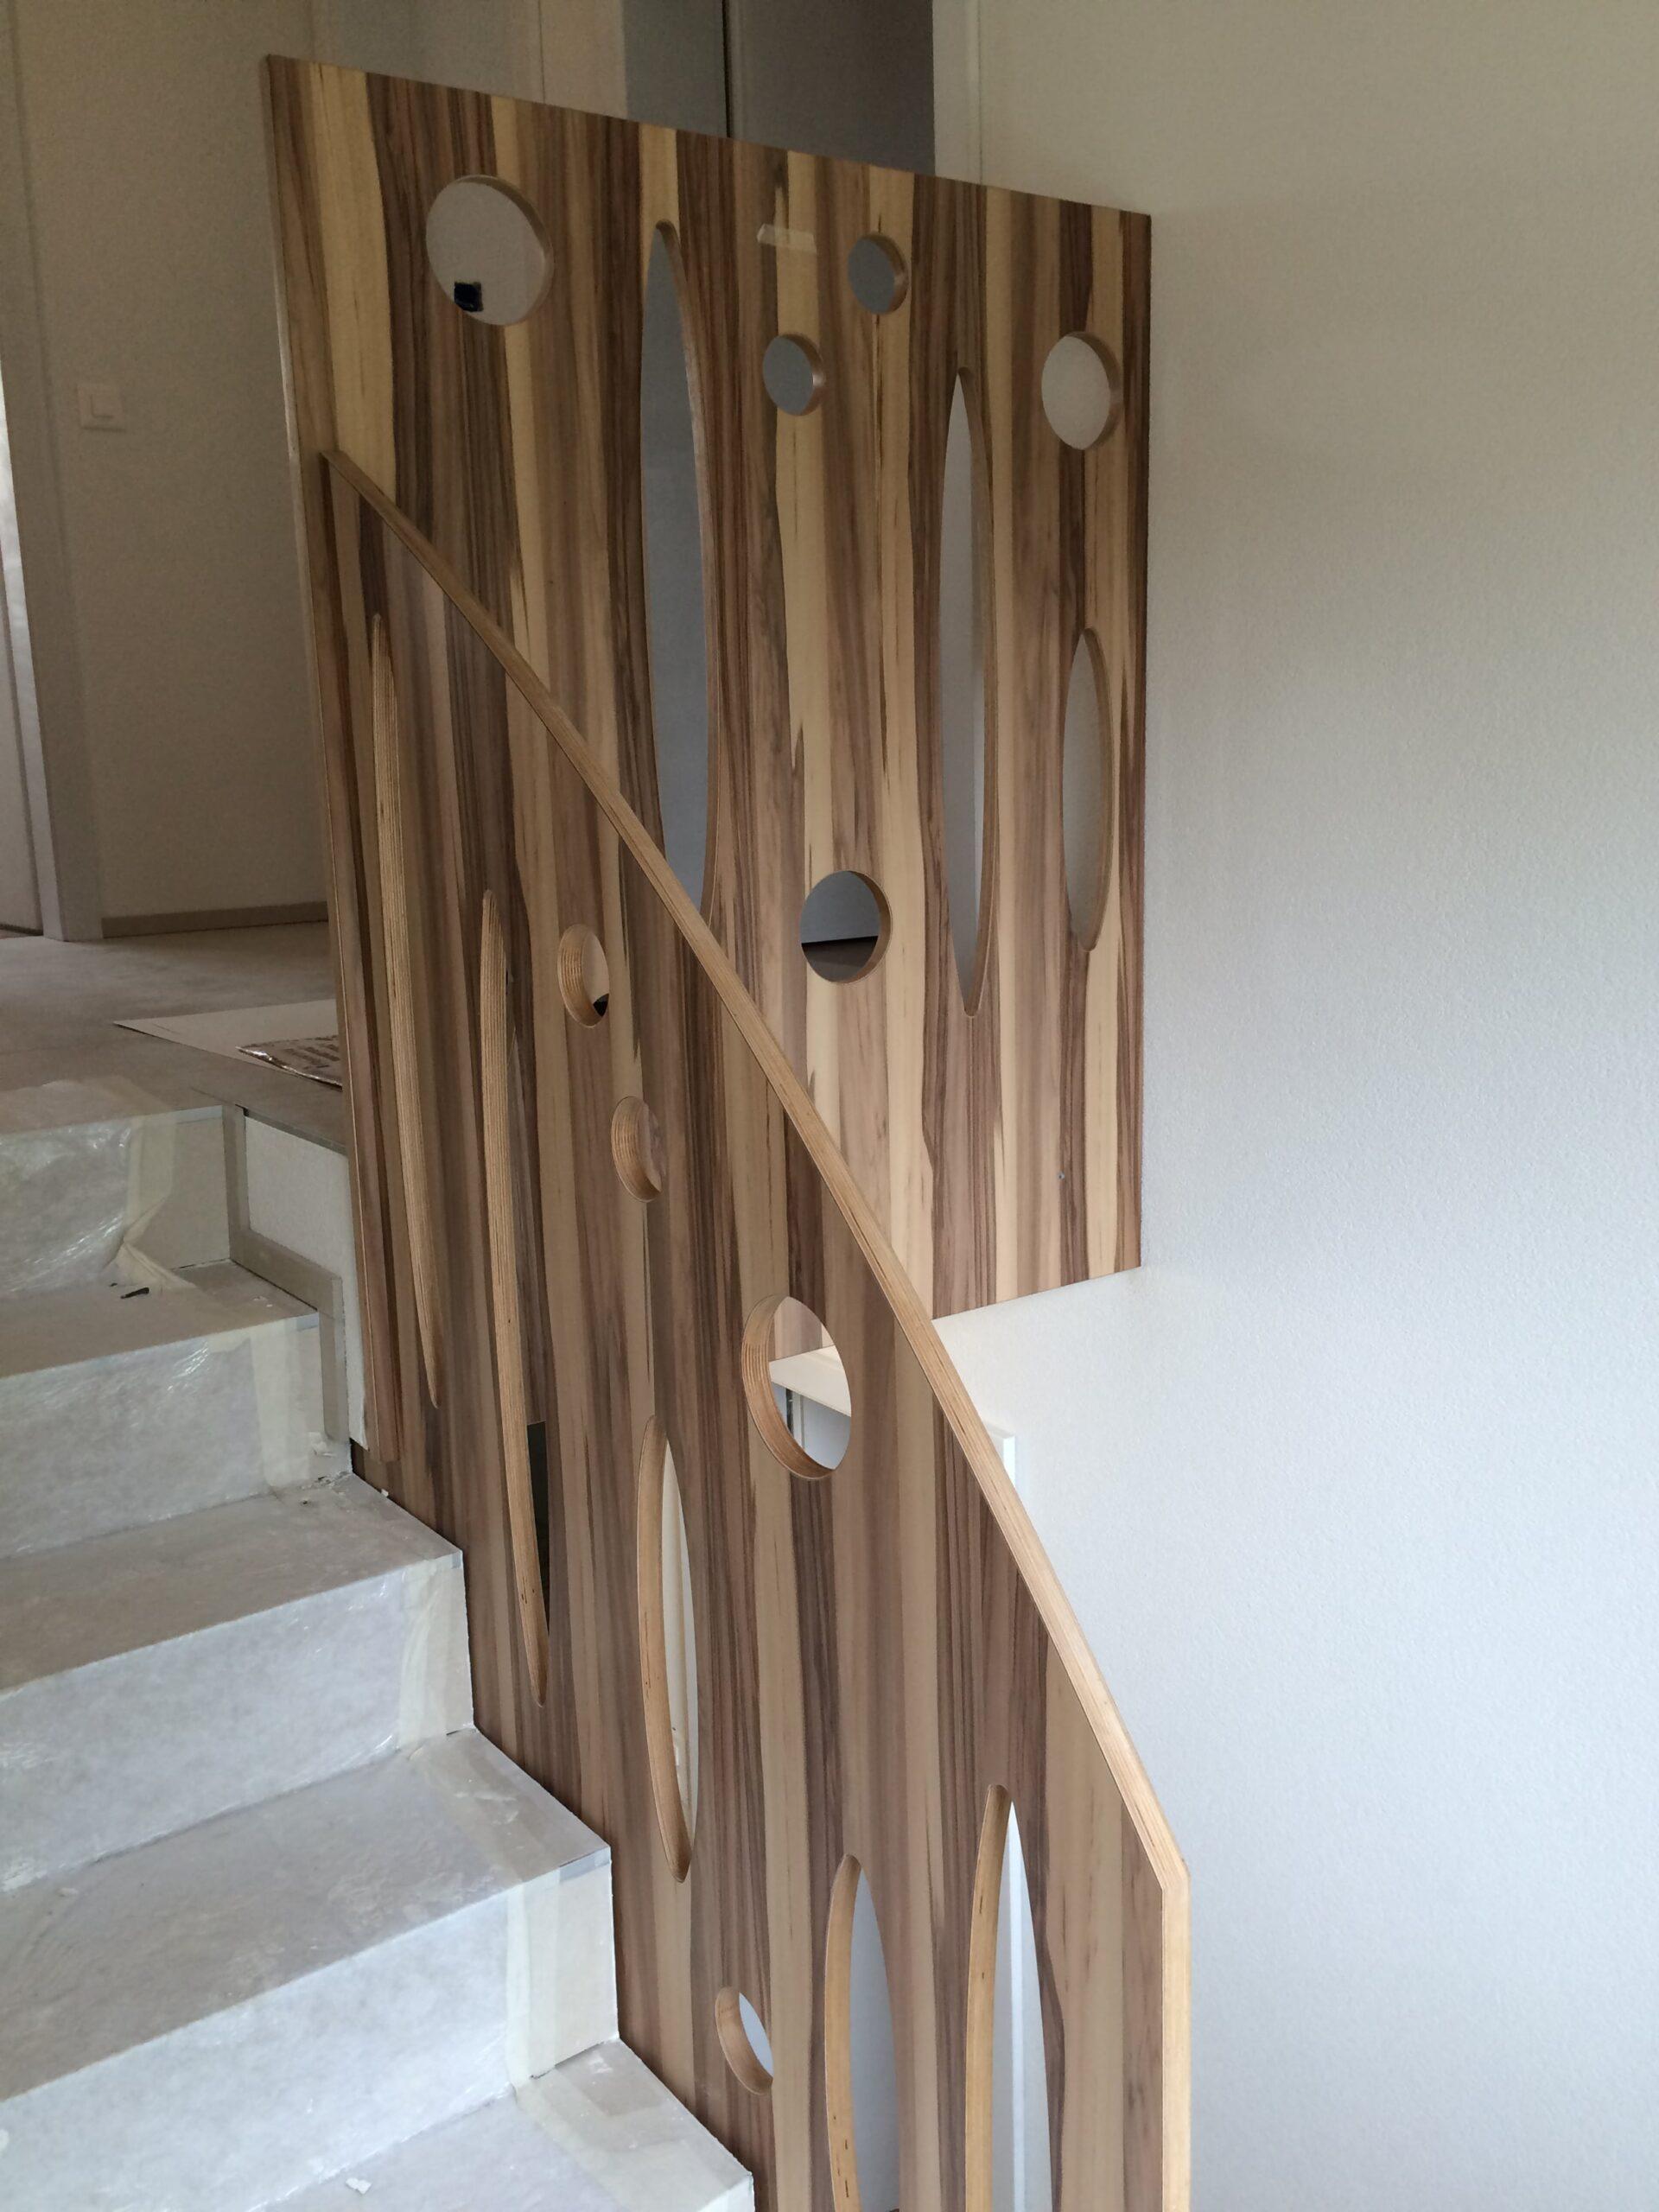 Wooddesign_Treppen_Teppengeländer__Treppenverkleidung_ovale runde Löcher (3)-min